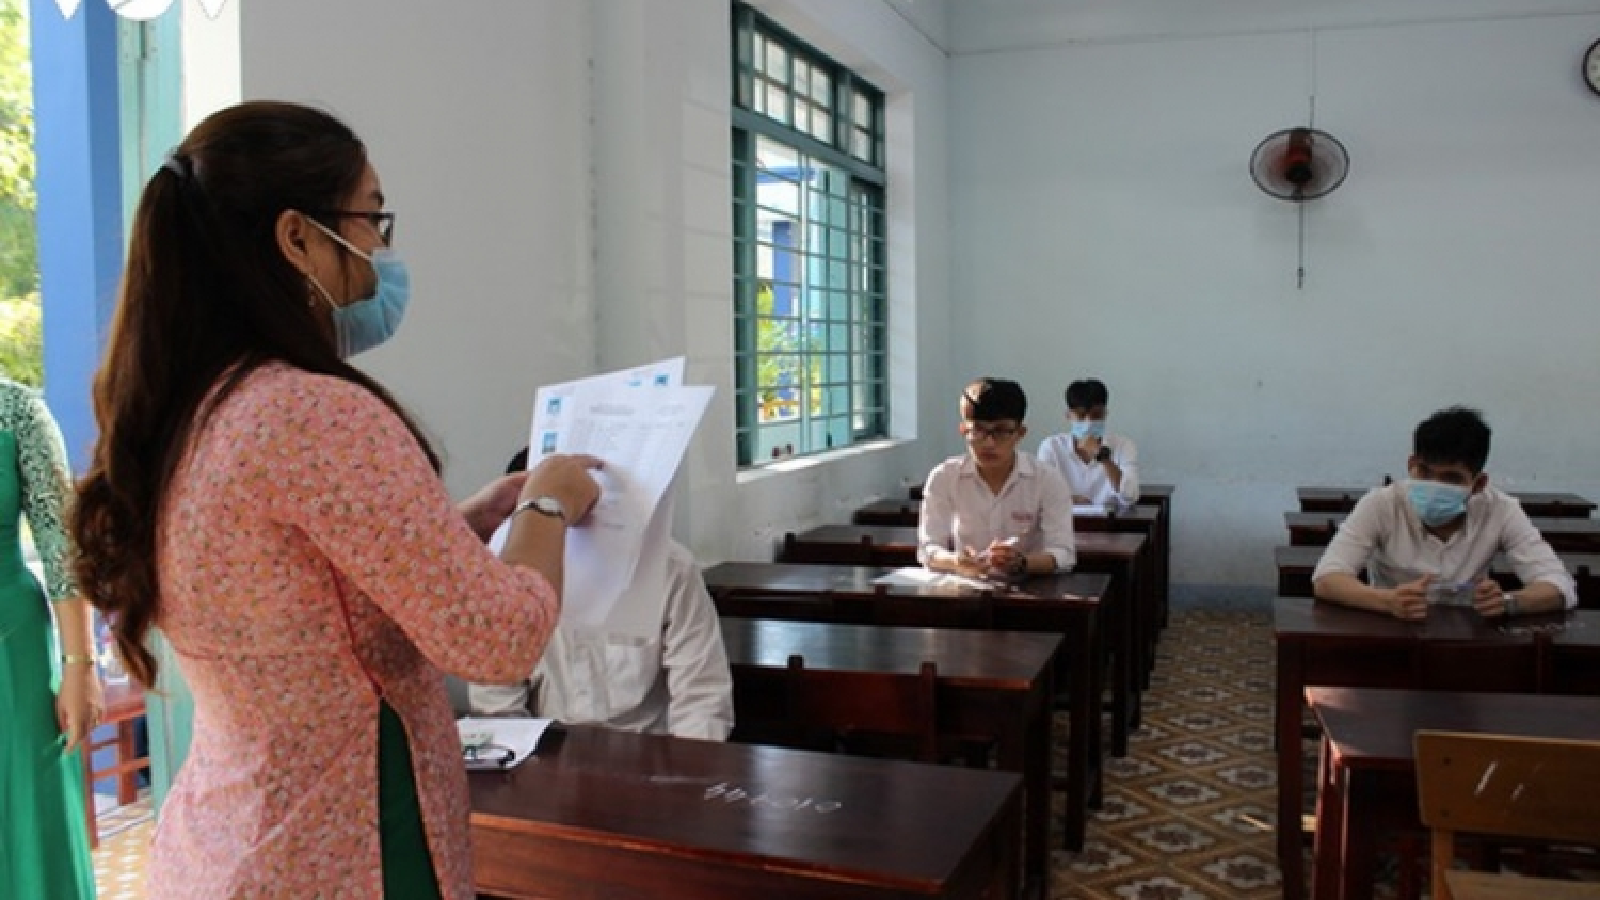 Đà Nẵng chính thức đề nghị thi tốt nghiệp THPT từ 2/9-5/9